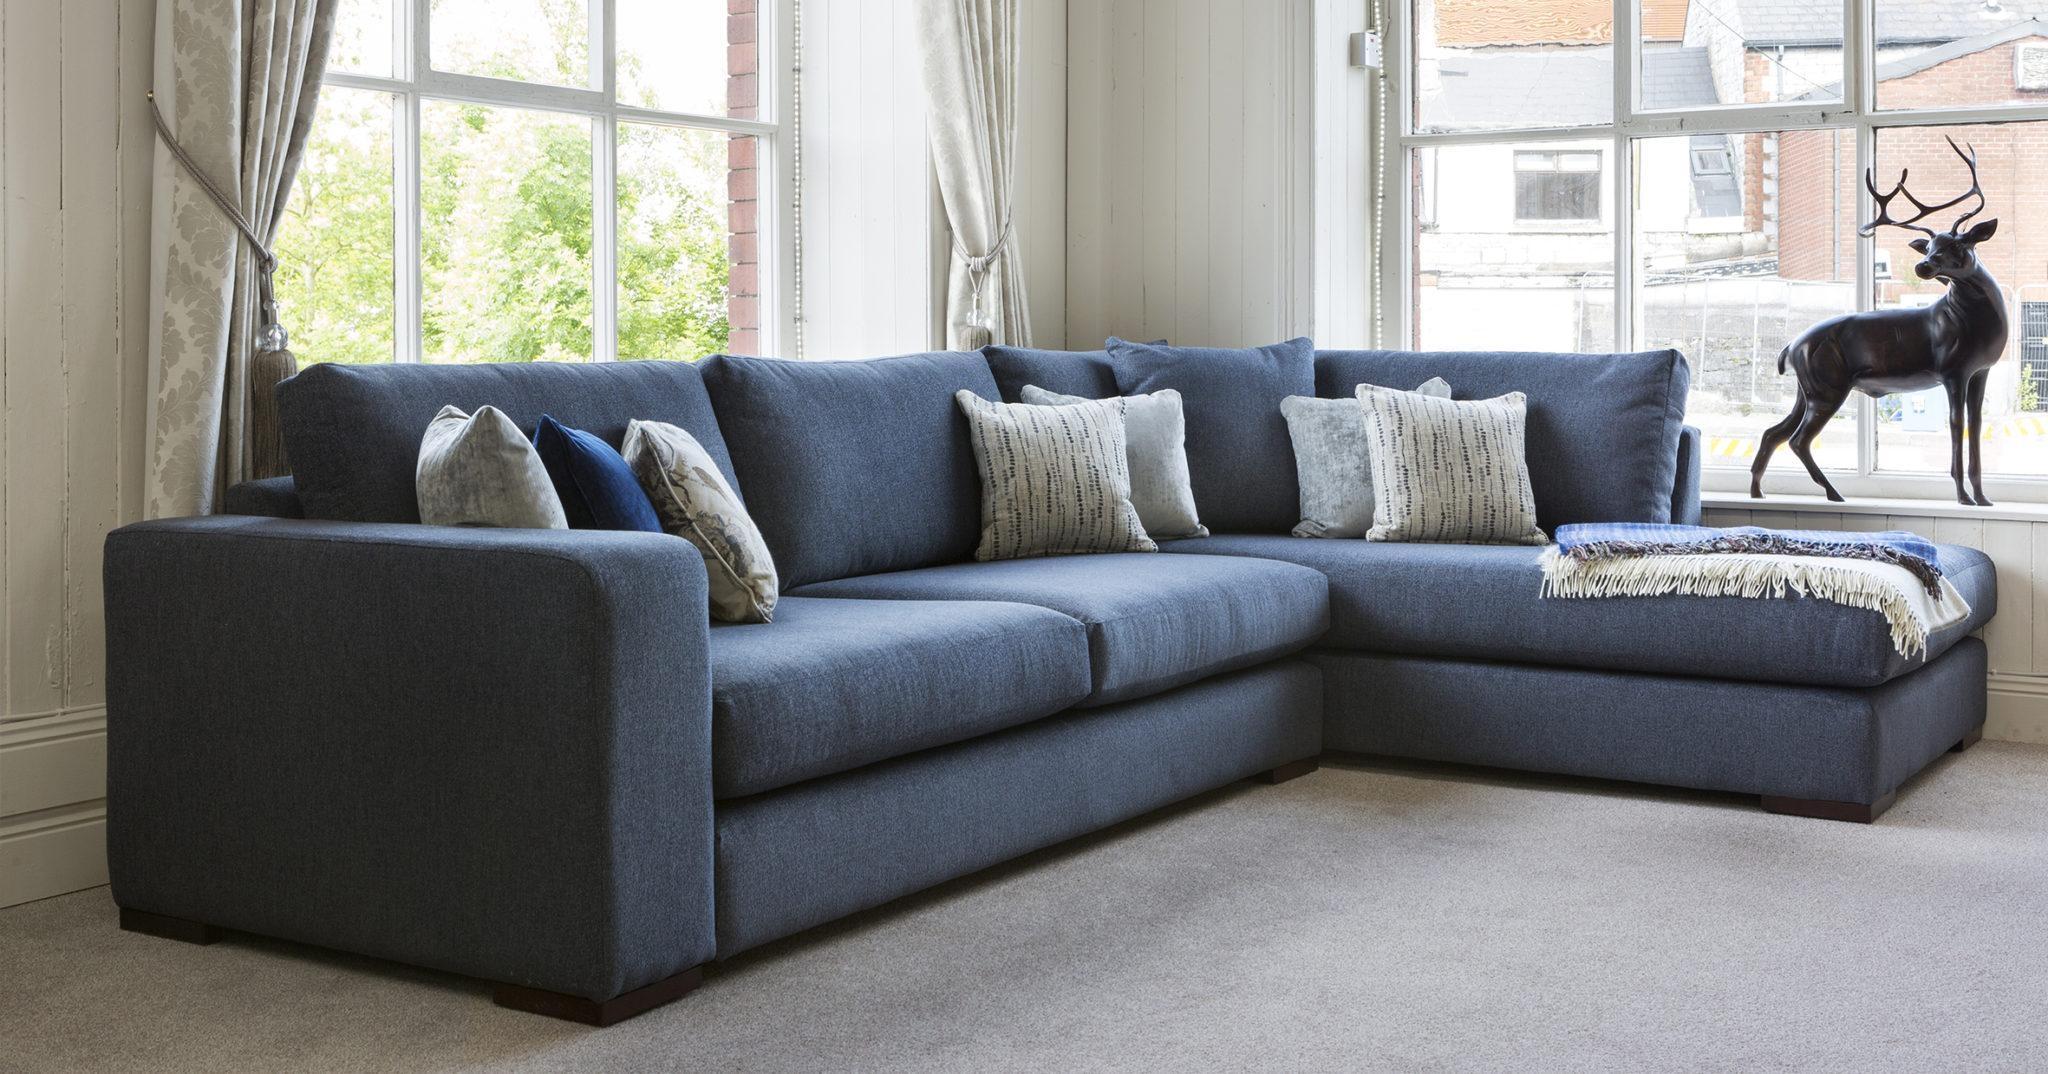 Handmade Irish Sofas, Corner Sofas, Chairs, Furniture Ireland With Regard To Corner Sofa Chairs (View 20 of 20)